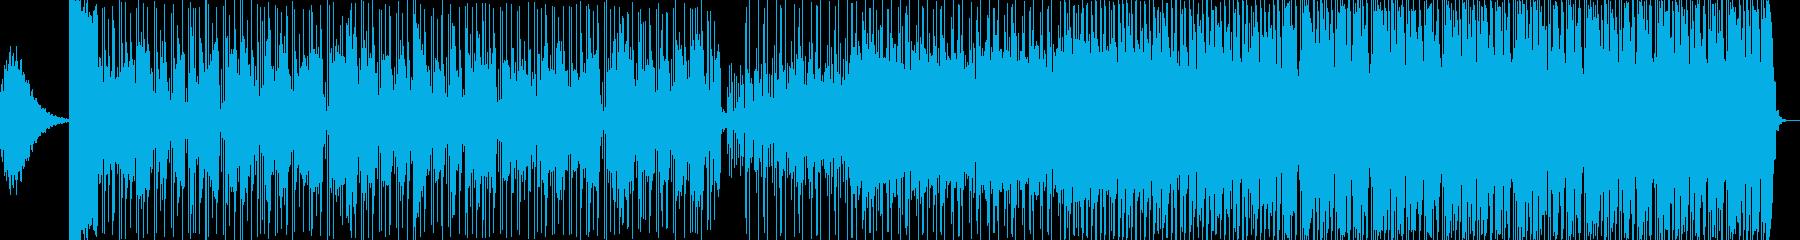 シューティング系ゲームなどに最適かもの再生済みの波形